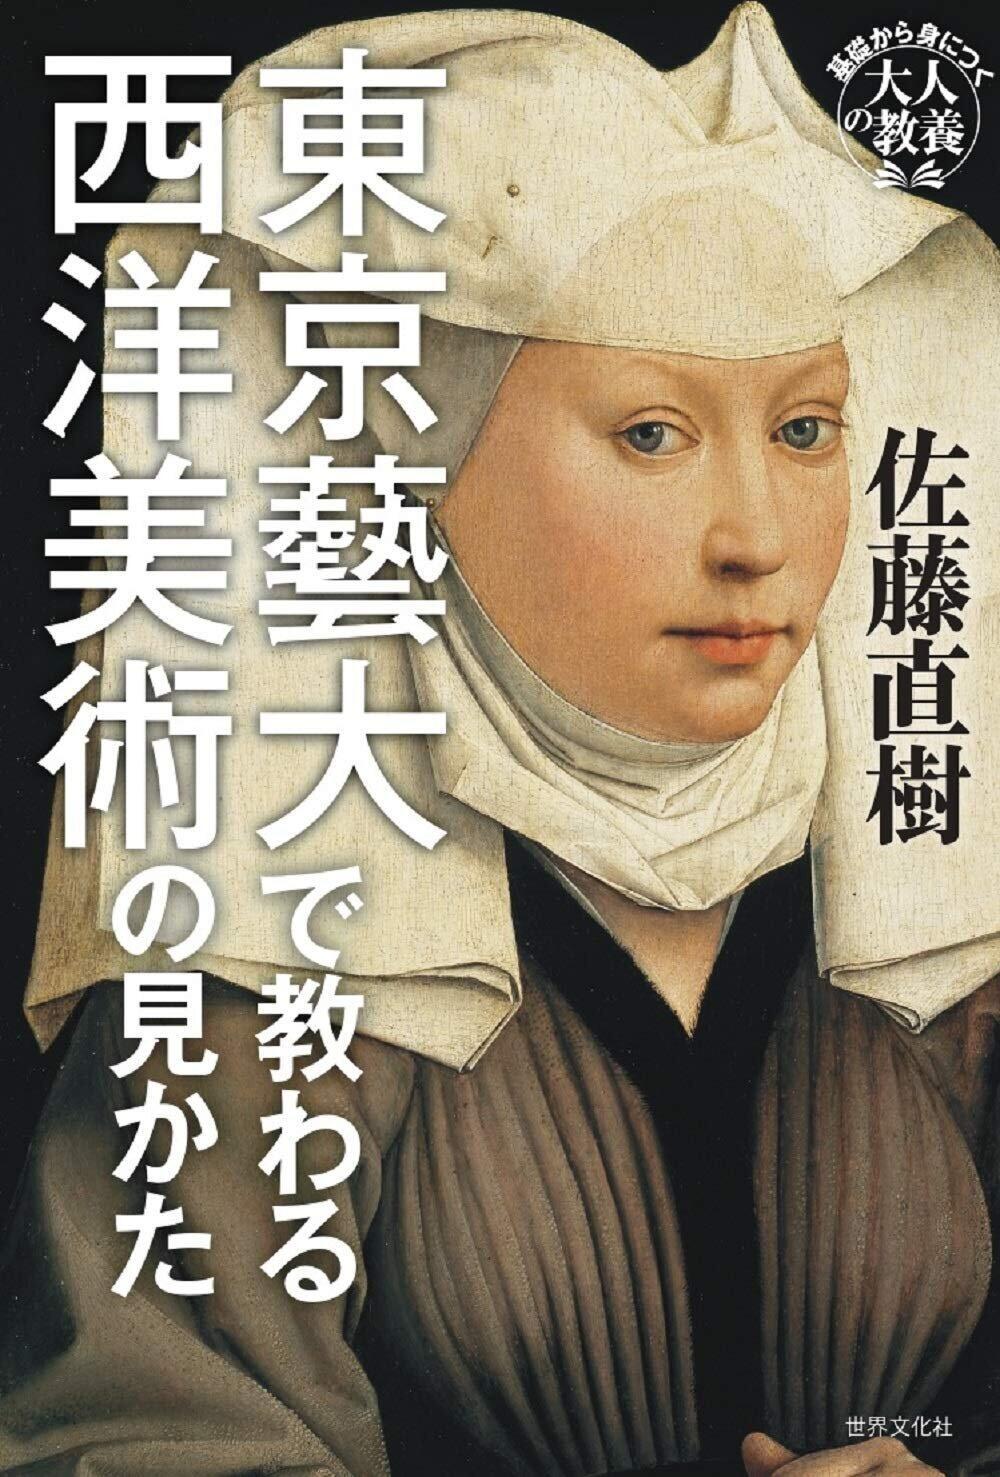 名画解説本の「真打」が出た 『東京藝大で教わる西洋美術の見かた』